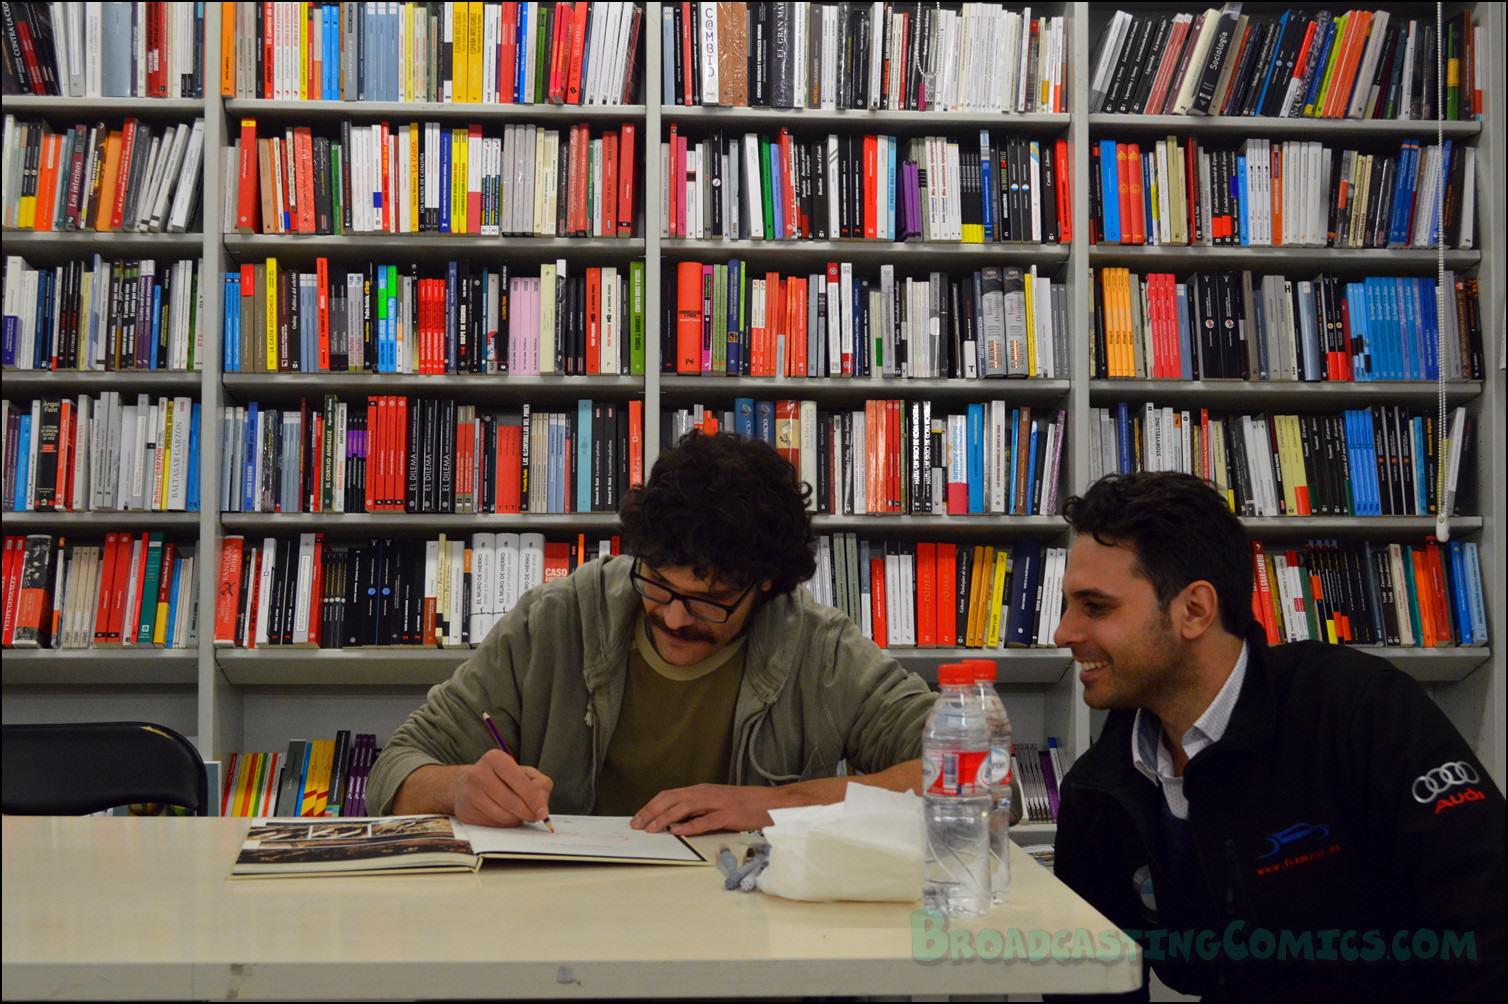 Francis porcel les folies berg re broadcasting comics - Libreria picaso granada ...